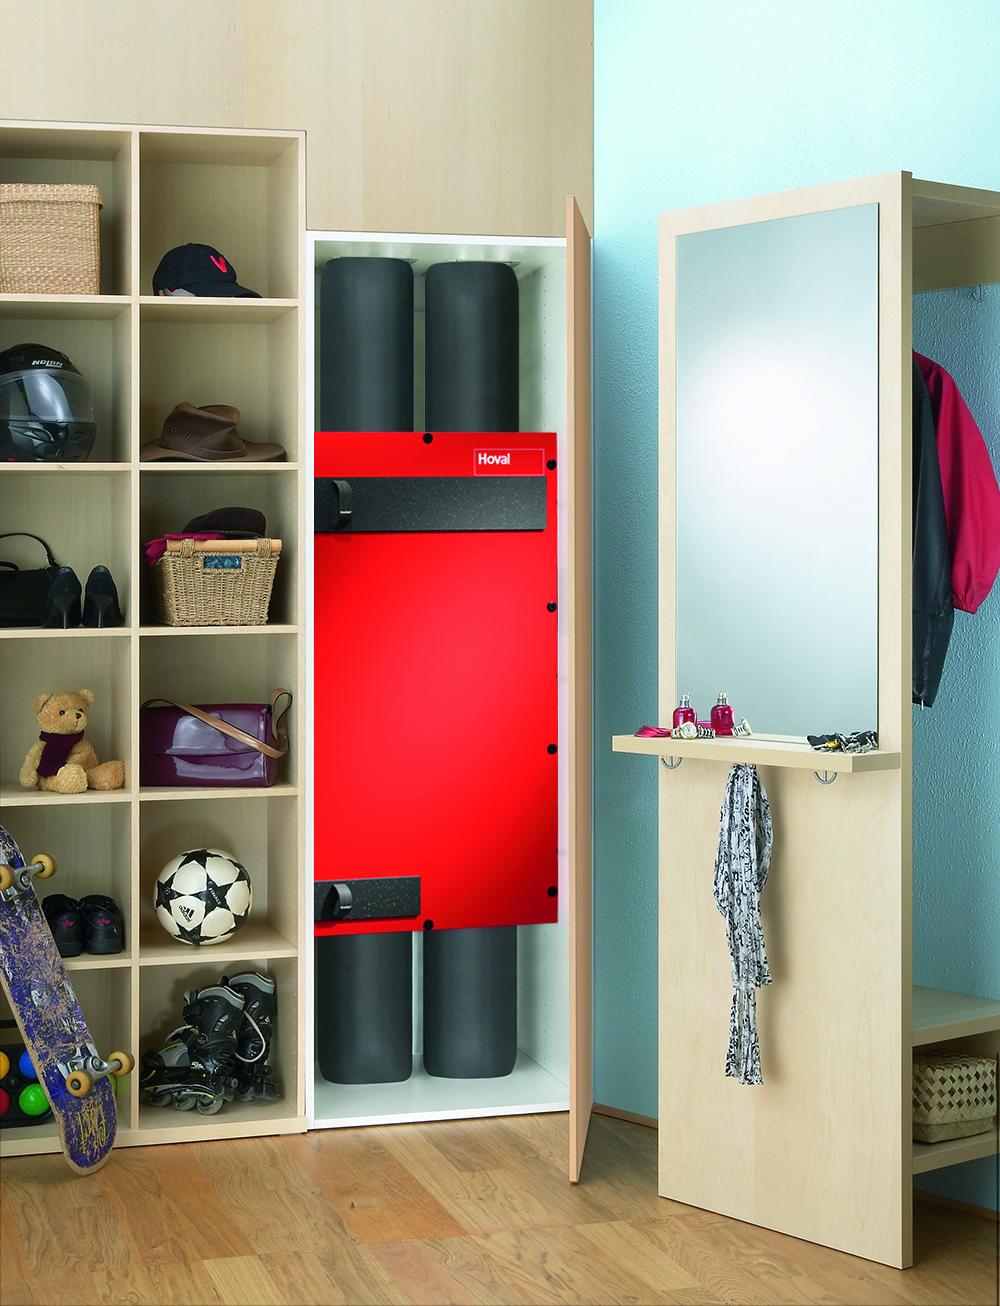 HomeVent® Comfort - Hoval remodelează piața ventilației rezidențiale